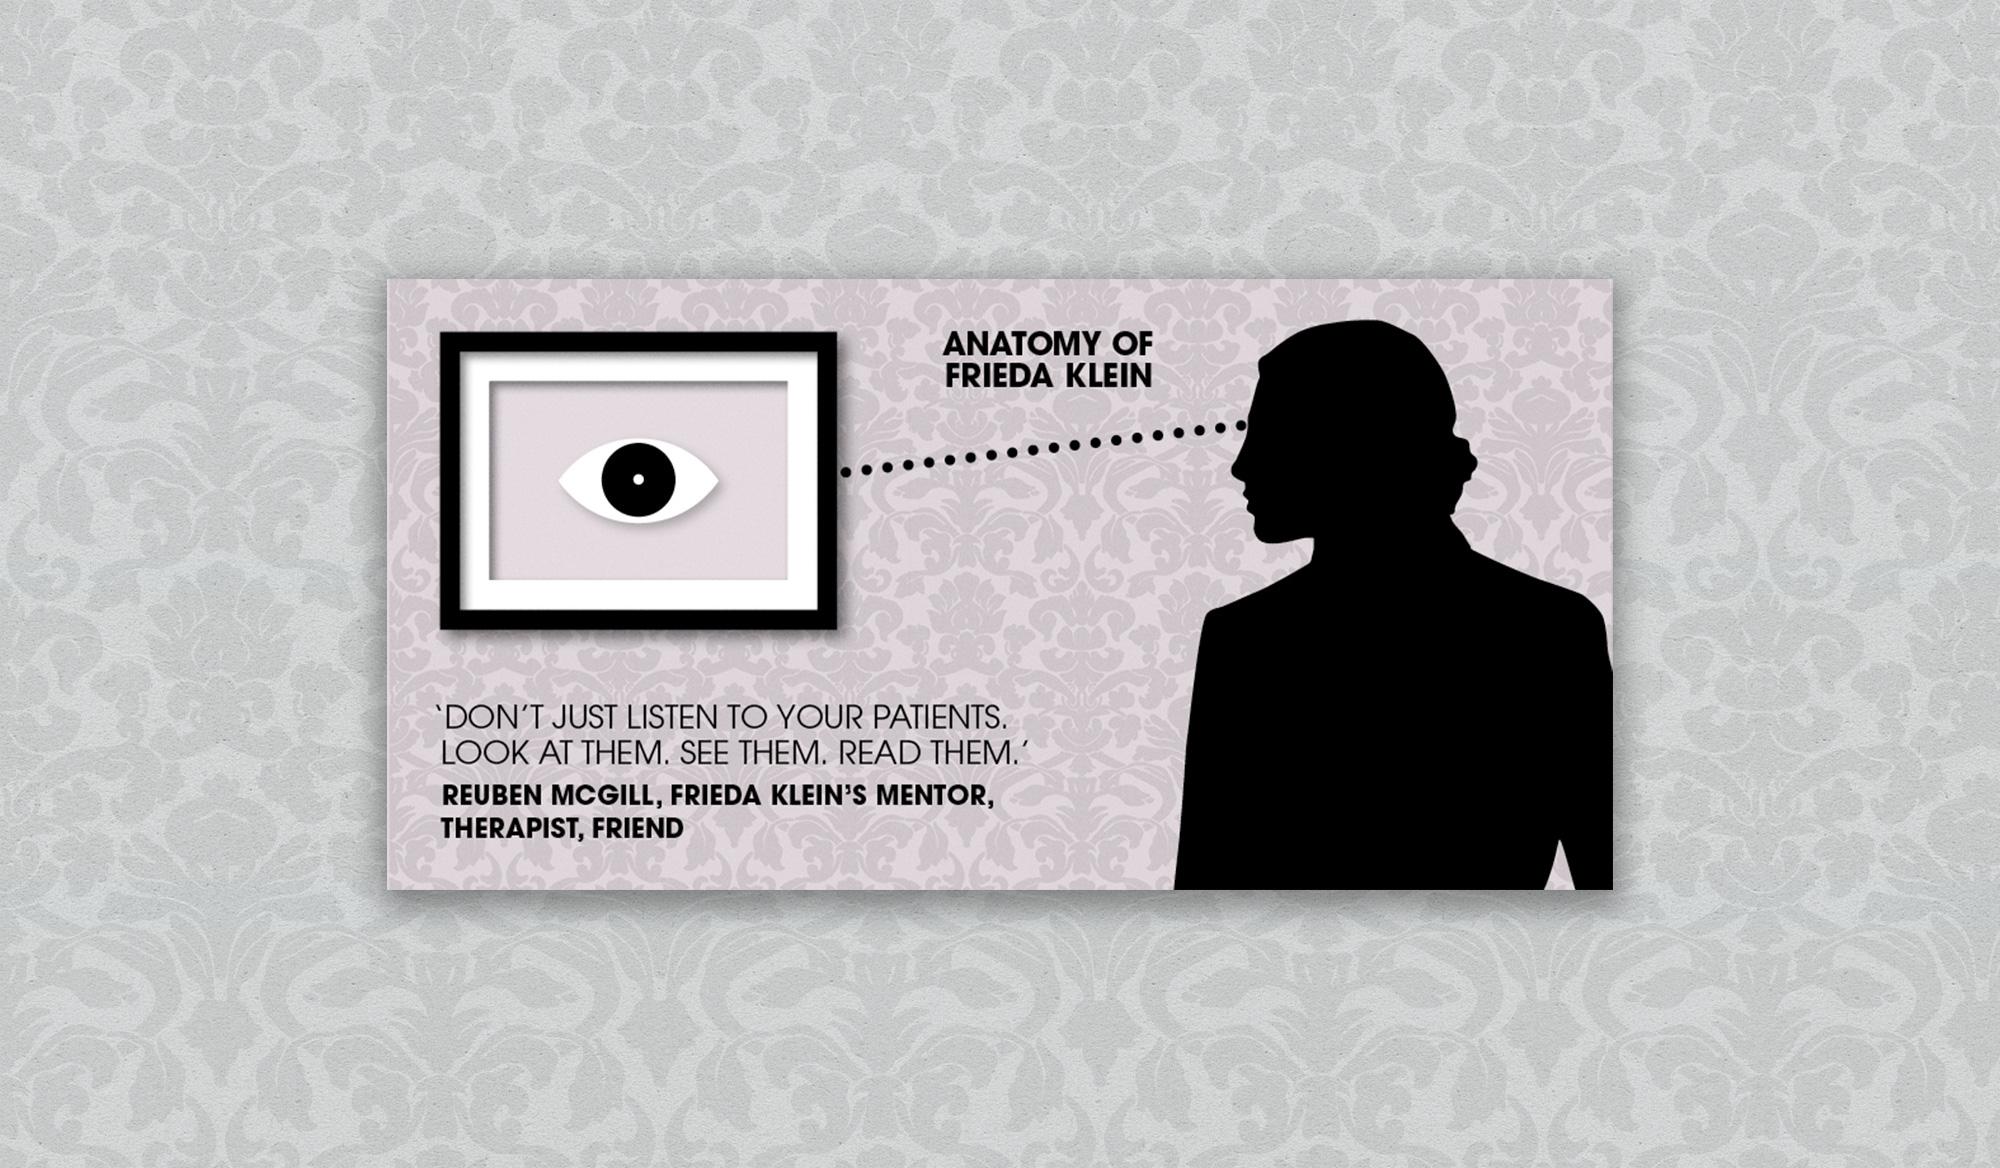 frieda-klein-background-2